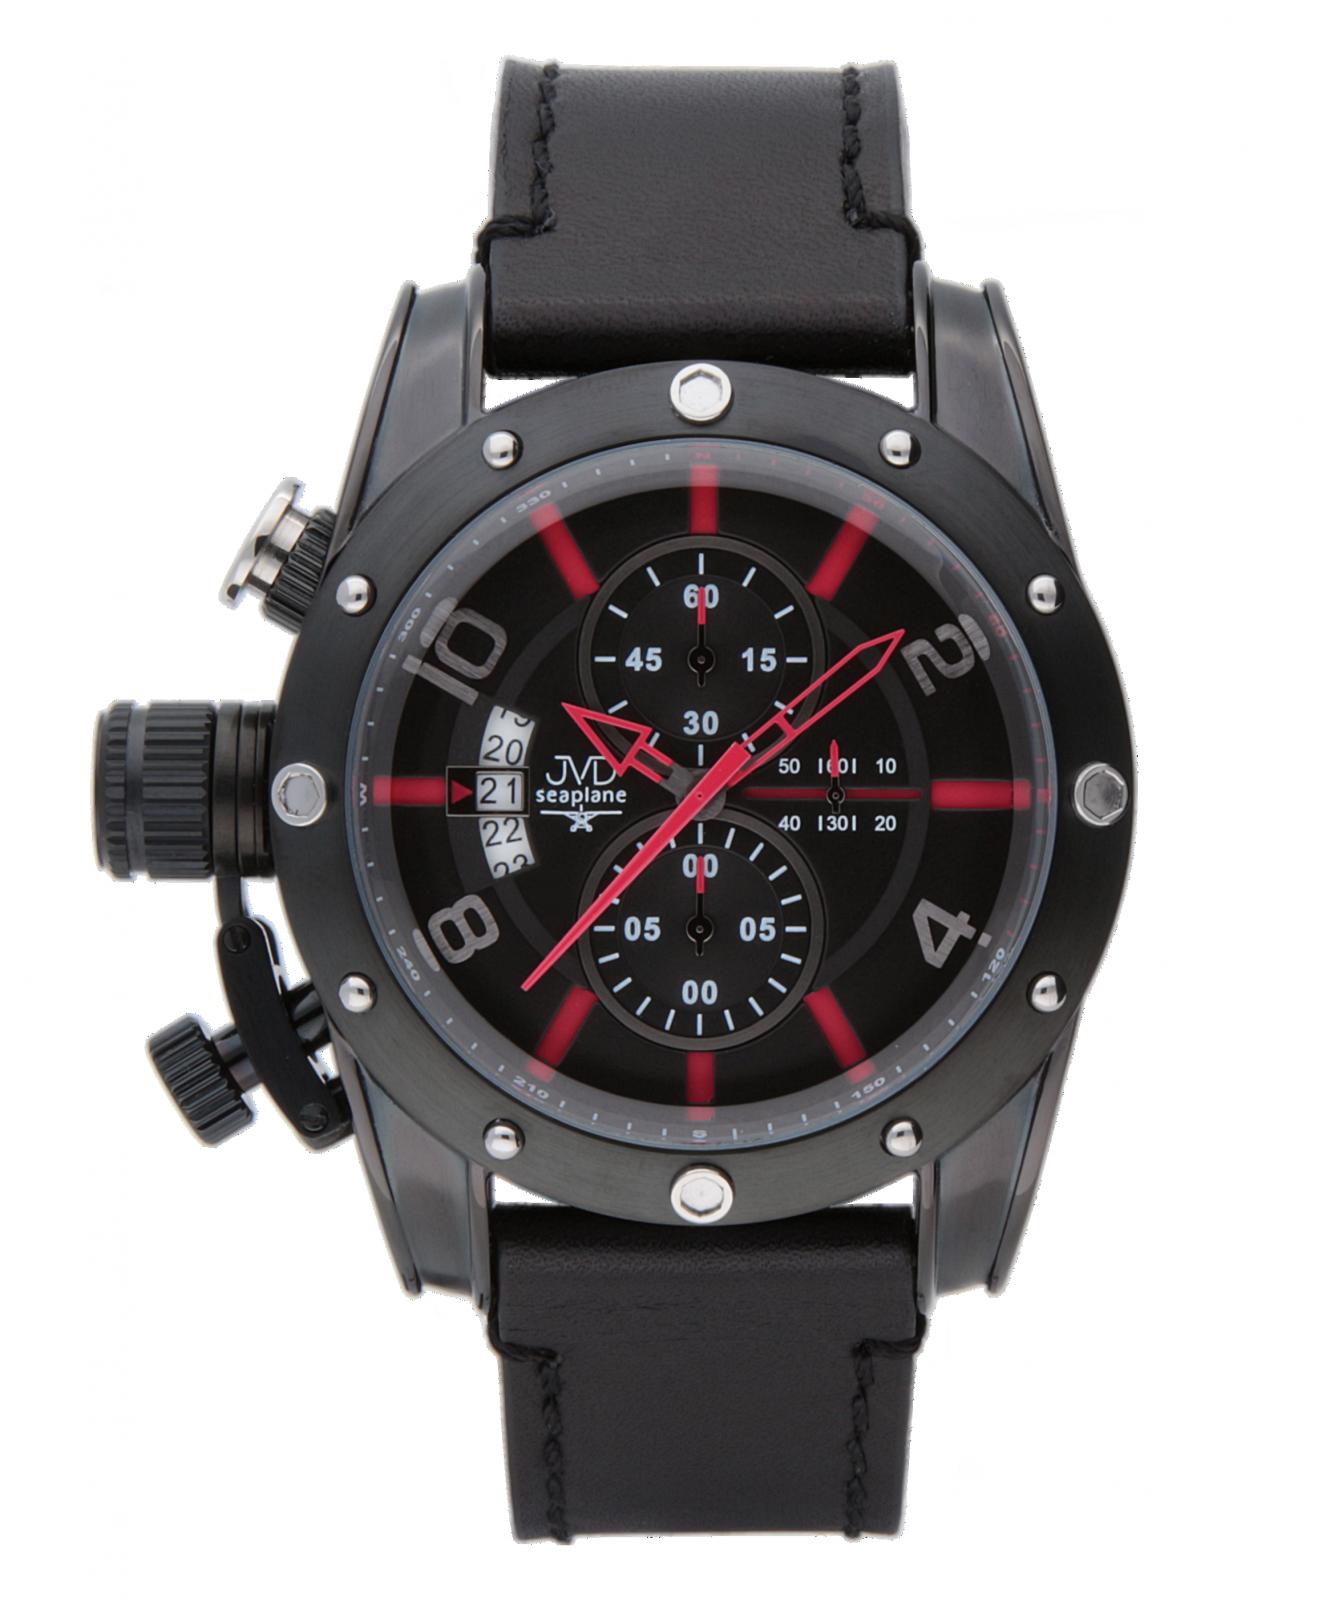 Pánské hodinky seaplane ultimate jvdw47.3 červená barva